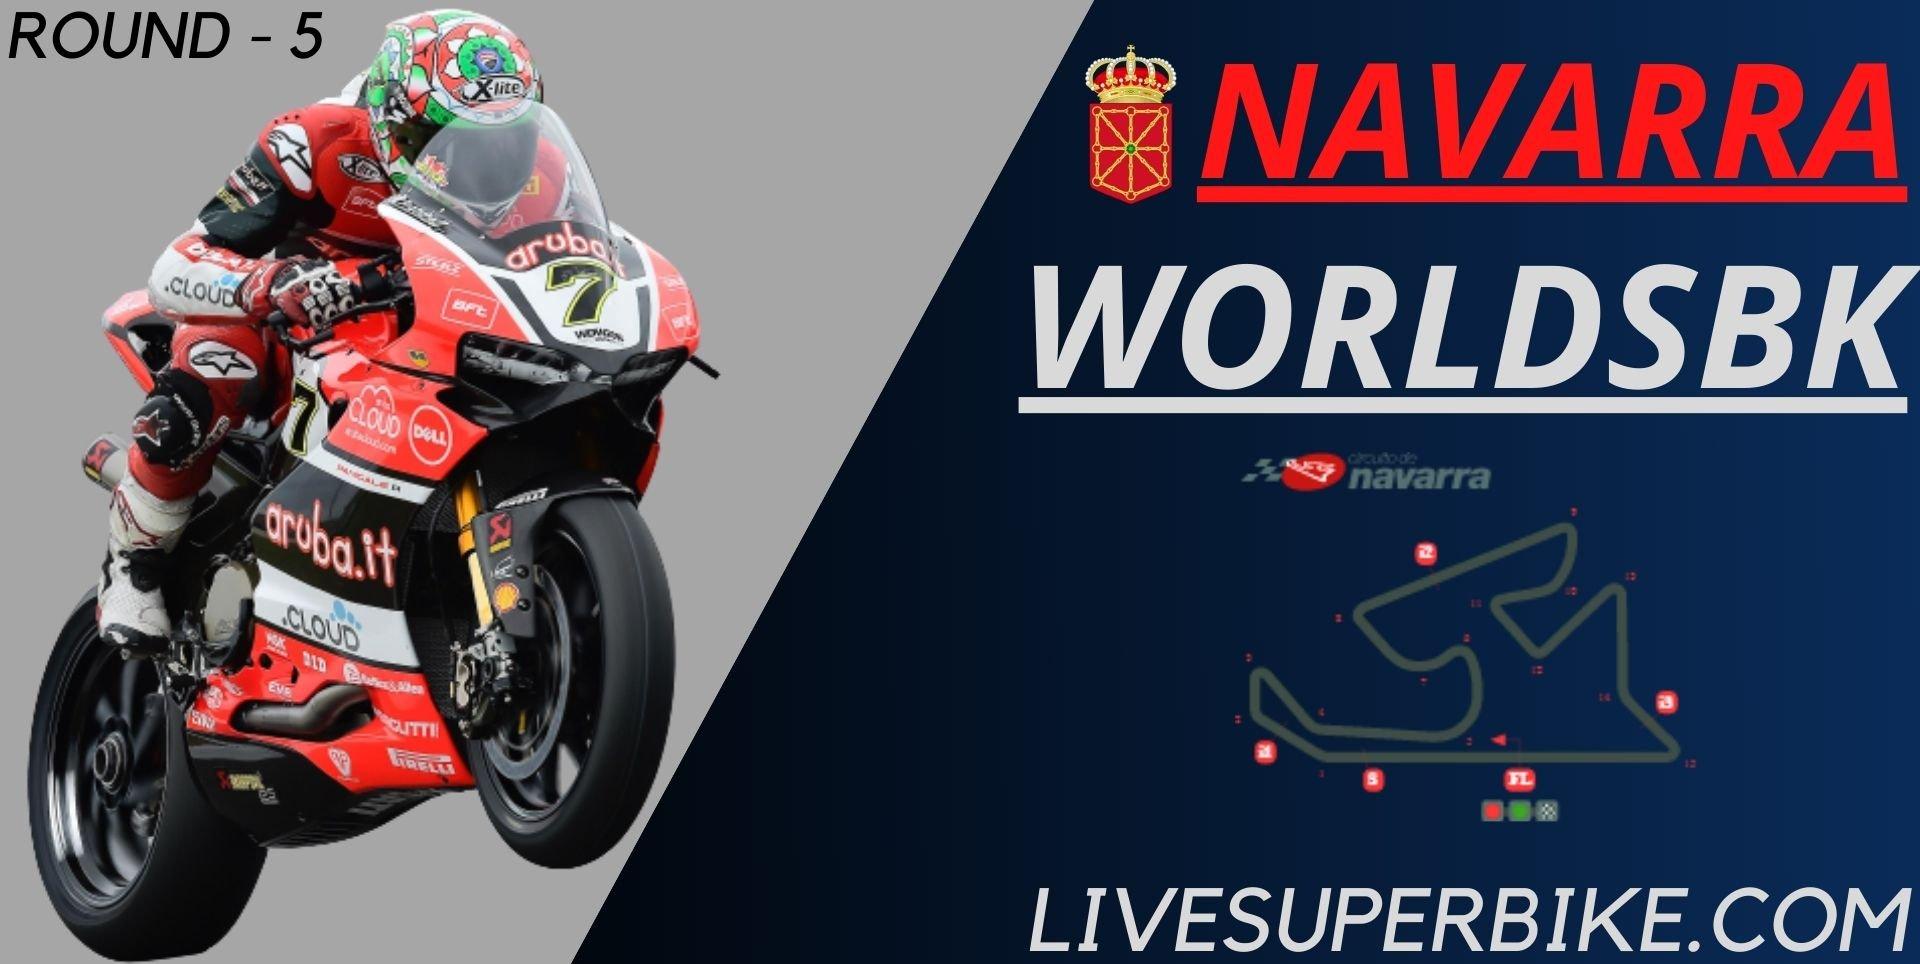 Navarra Round 5 Live Stream 2021 | WorldSBK